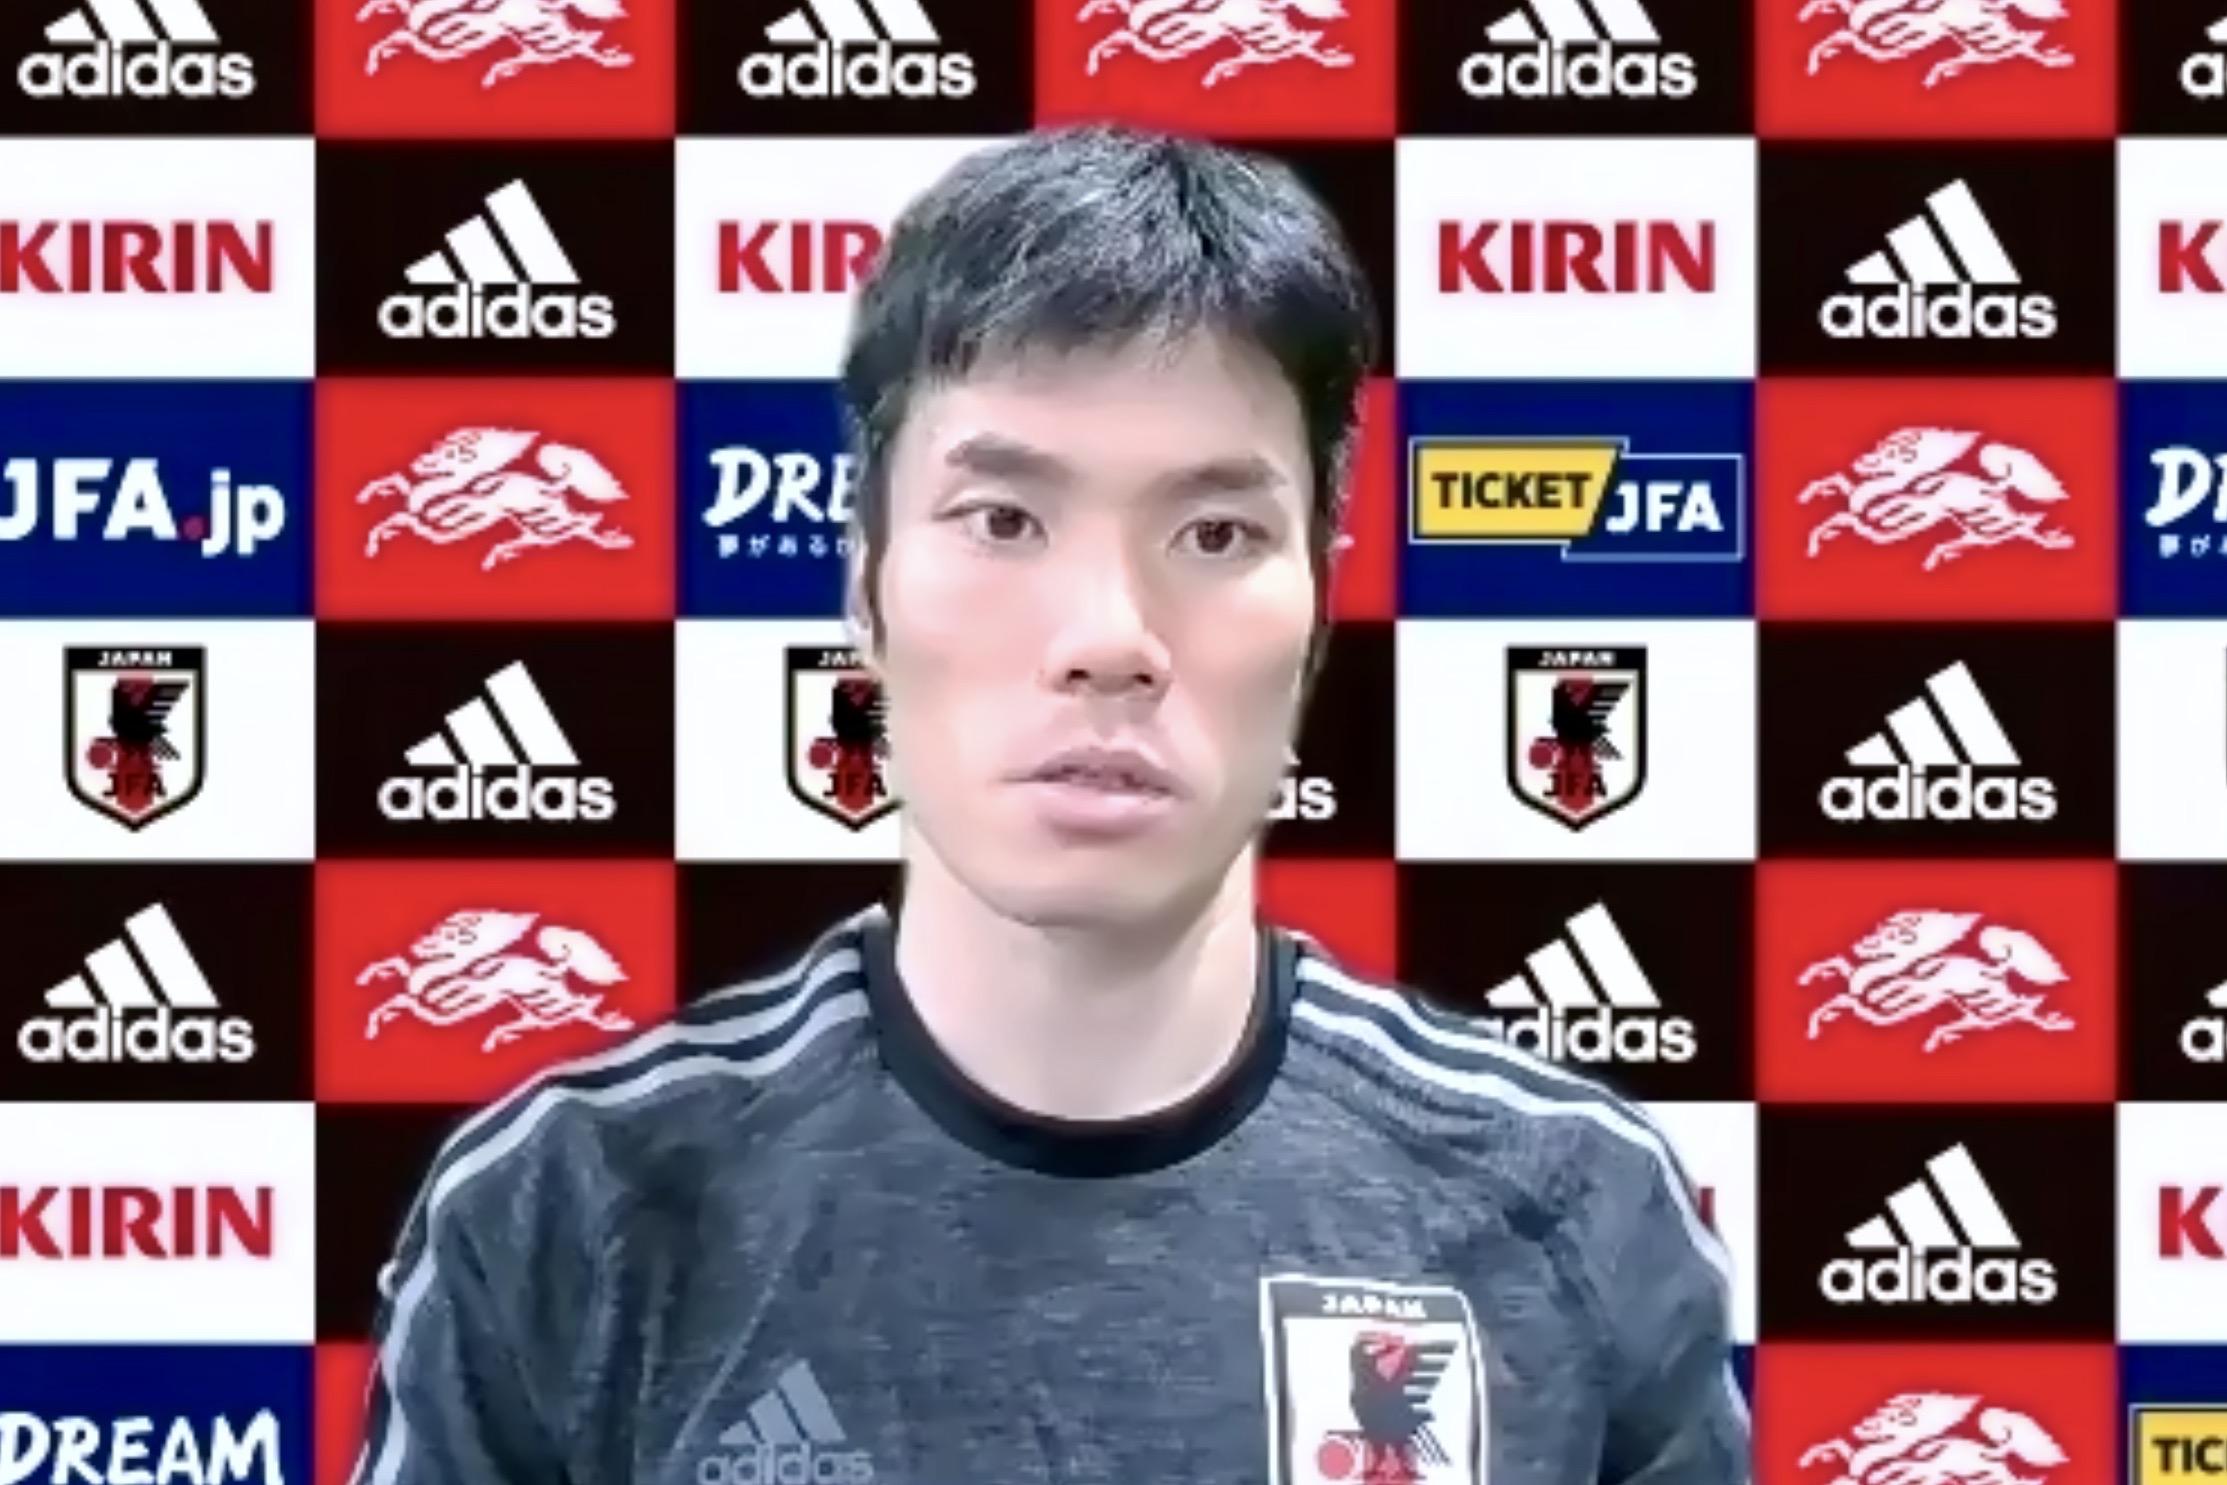 【日本代表/WEB取材】アジア選手権を3カ月後に控え、キャプテンの吉川智貴は敗戦をどう受け止めているか。「今日の試合に一切言い訳はない」